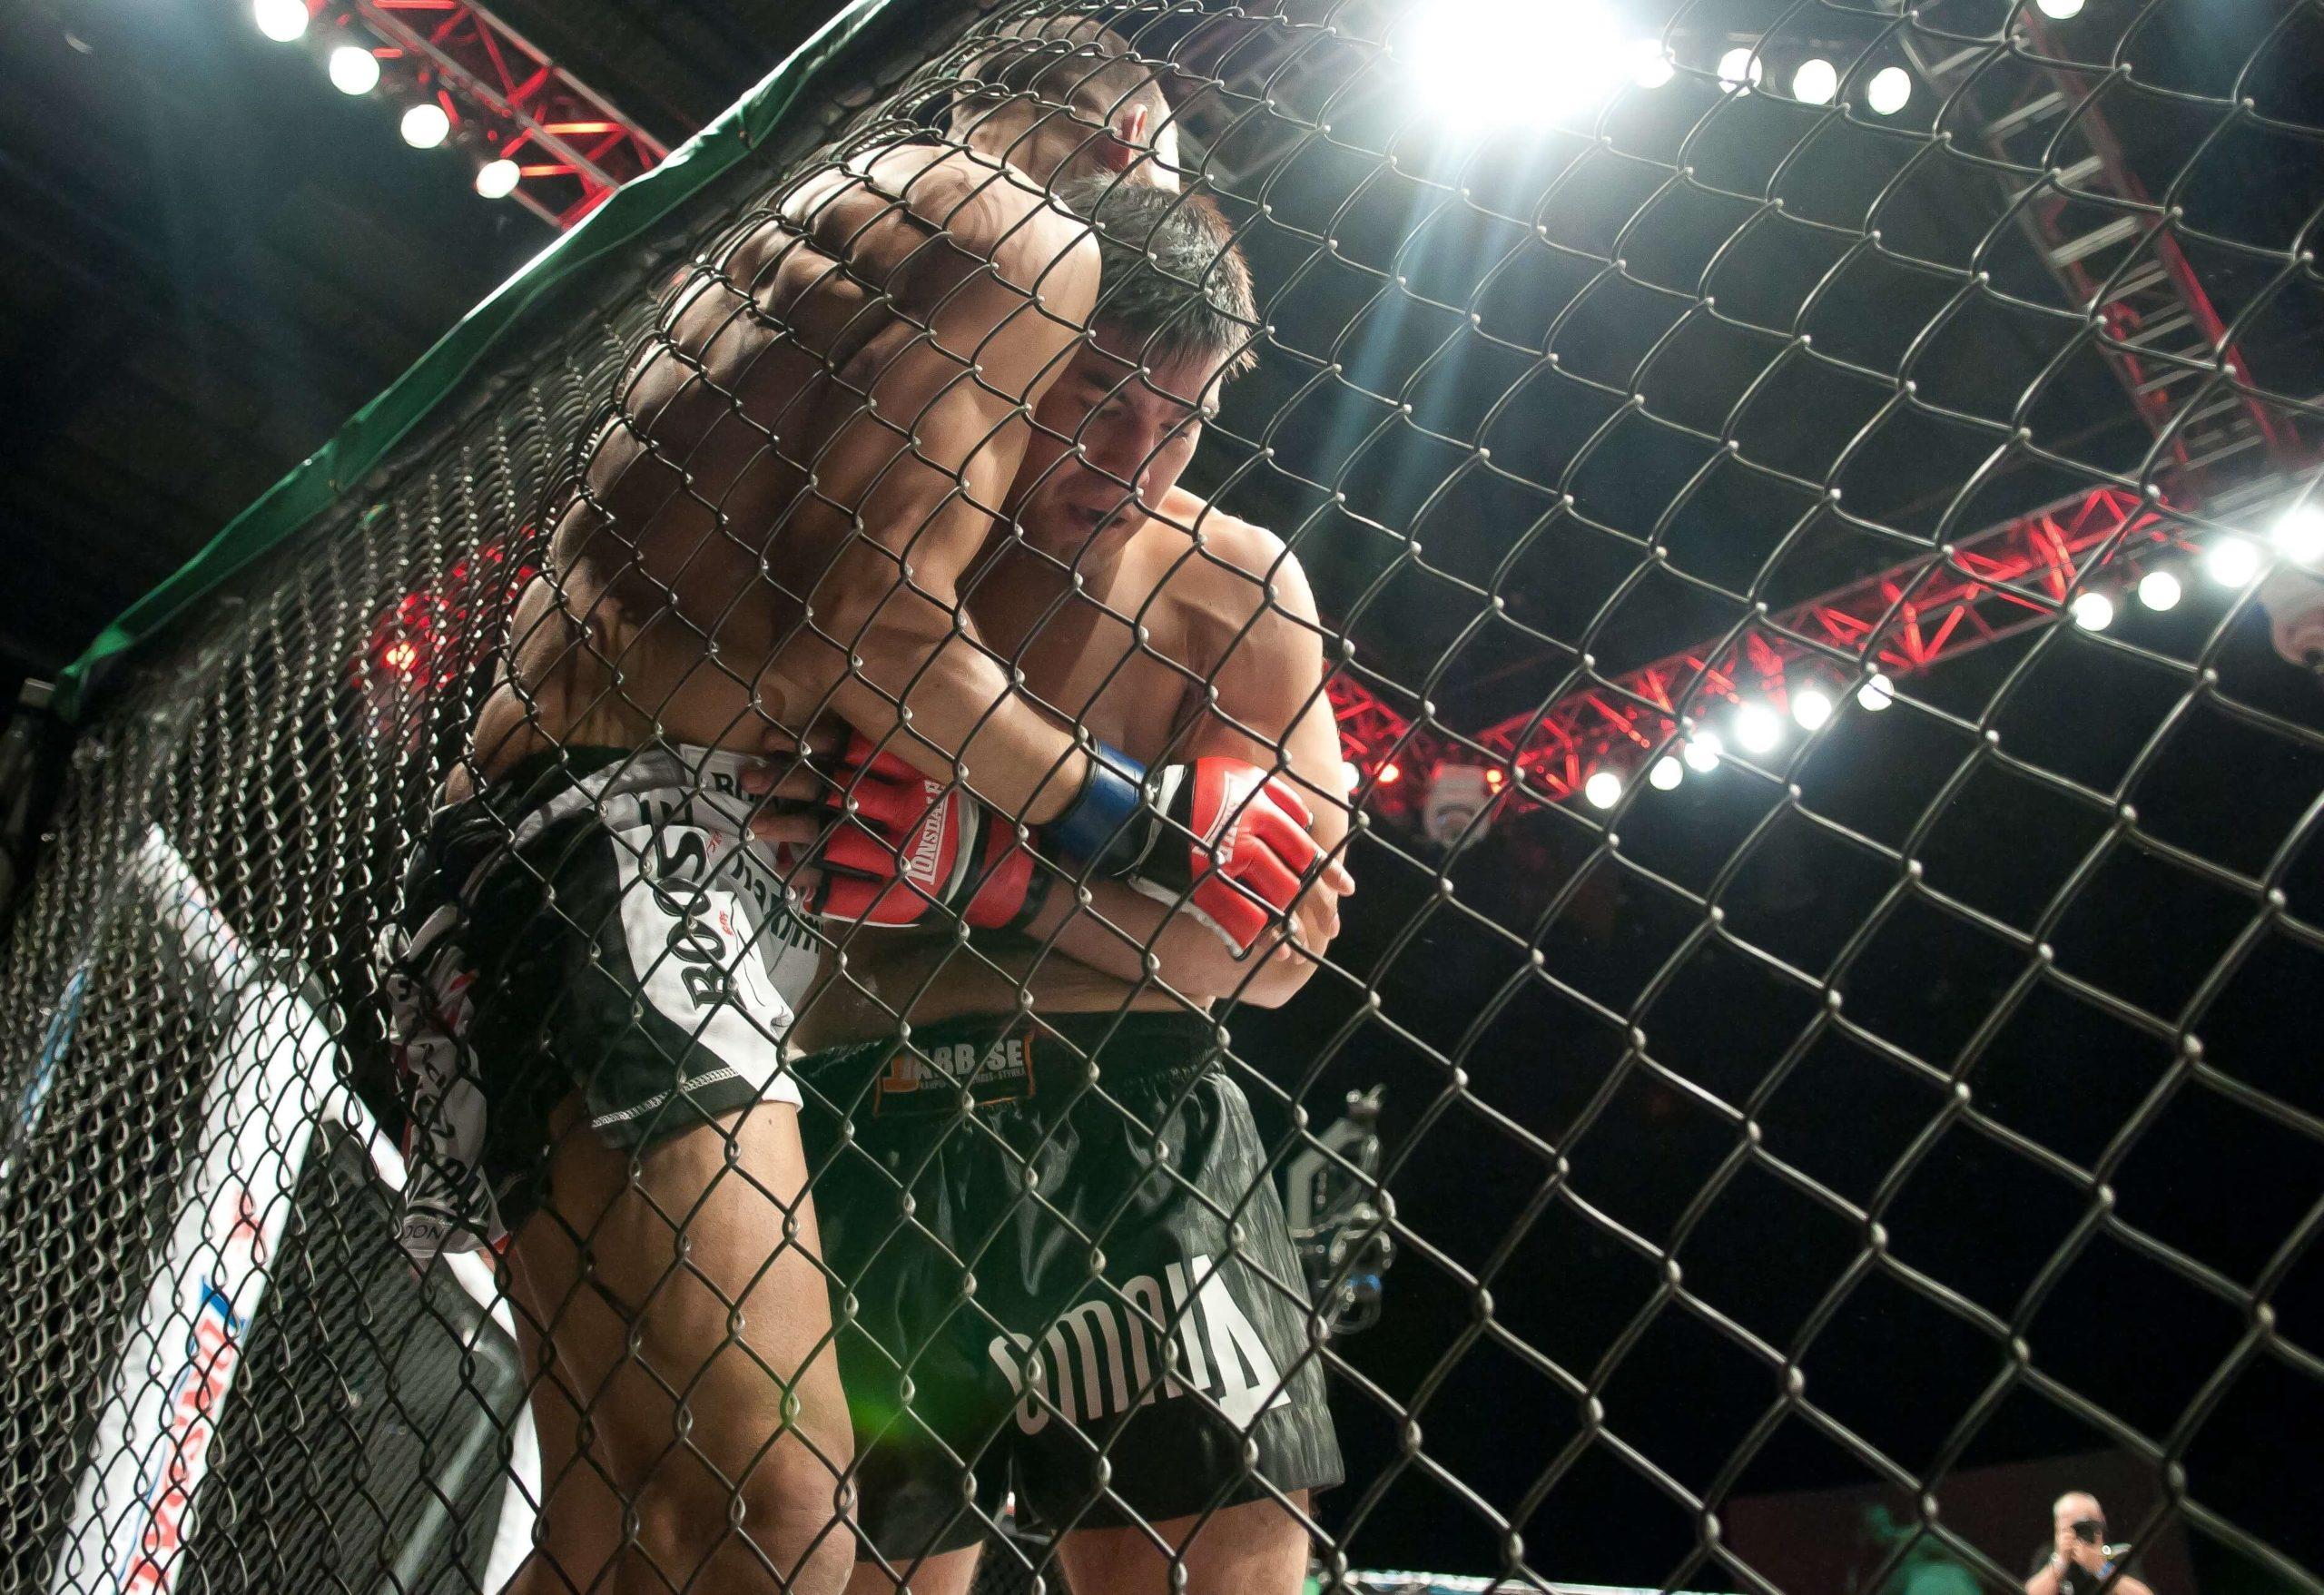 mma photo cage combat professionnel fmmaf federation des arts martiaux mixte français